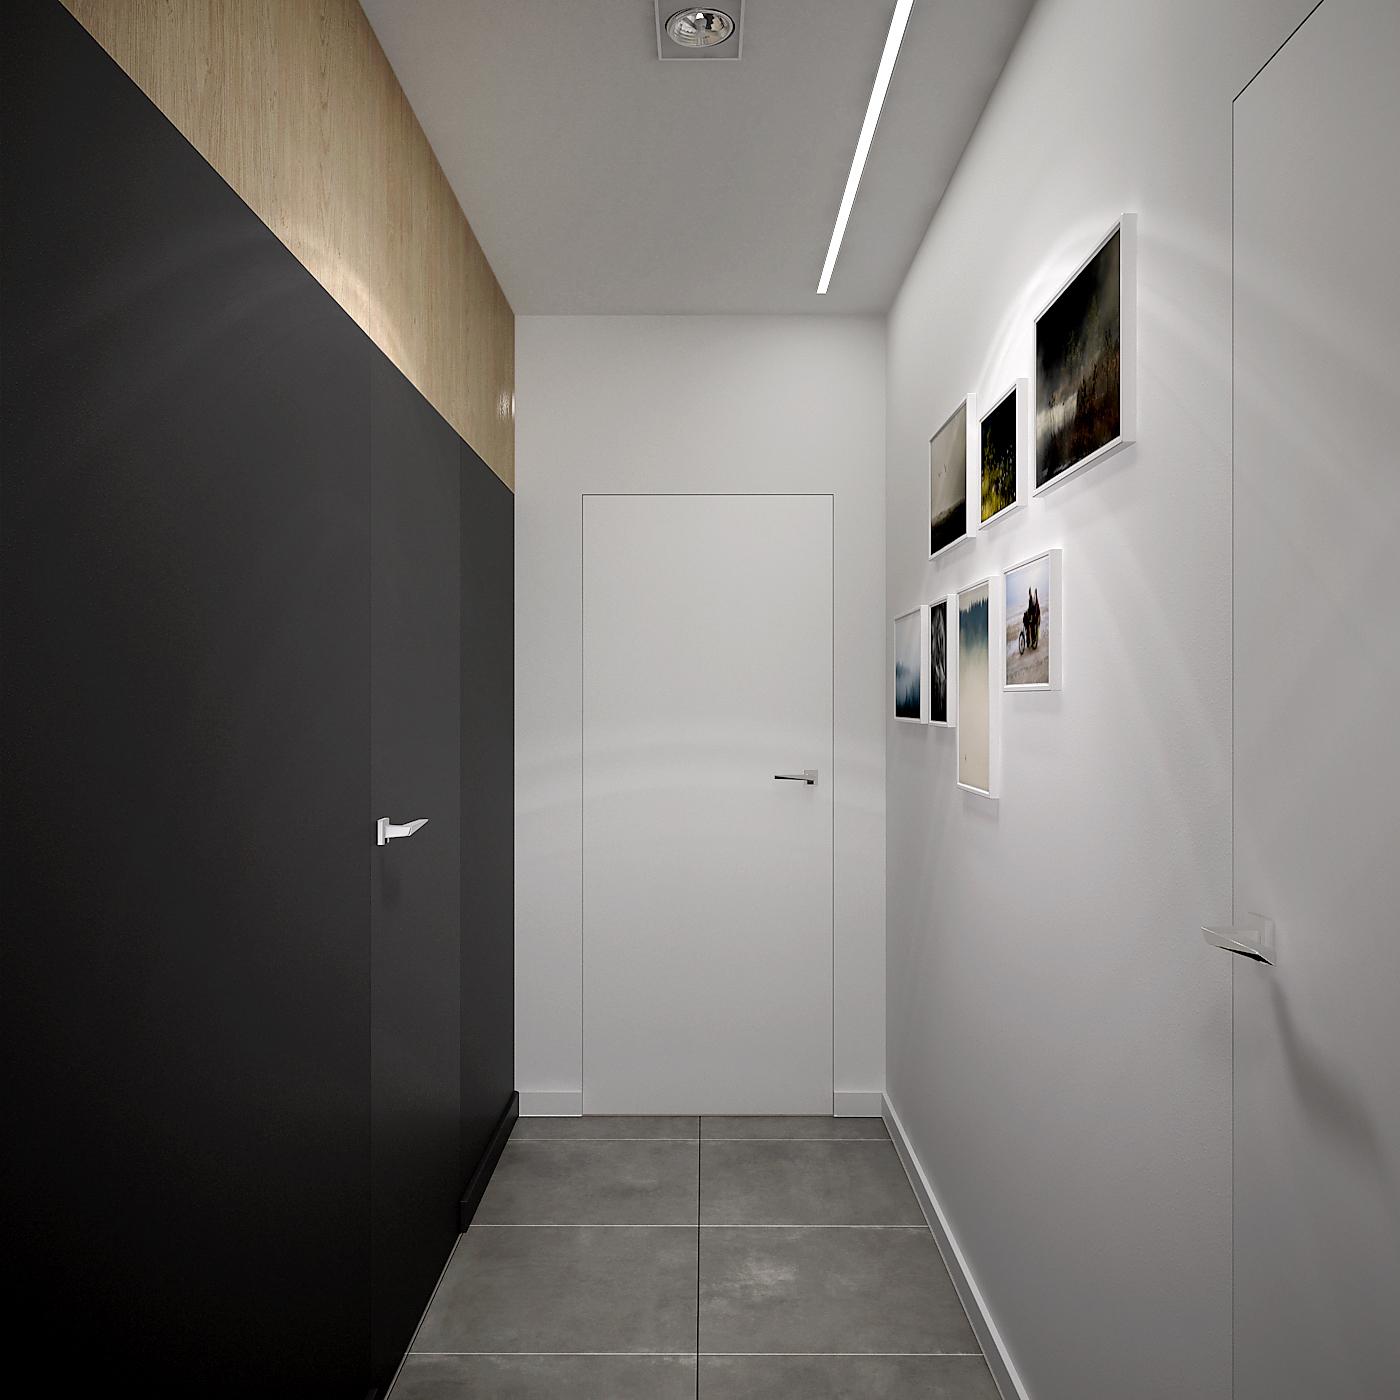 8 projekt wnetrza 537 mieszkanie krakow korytarz ukryte drzwi polaczenie czerni i bieli oswietlenie liniowe podtynkowe